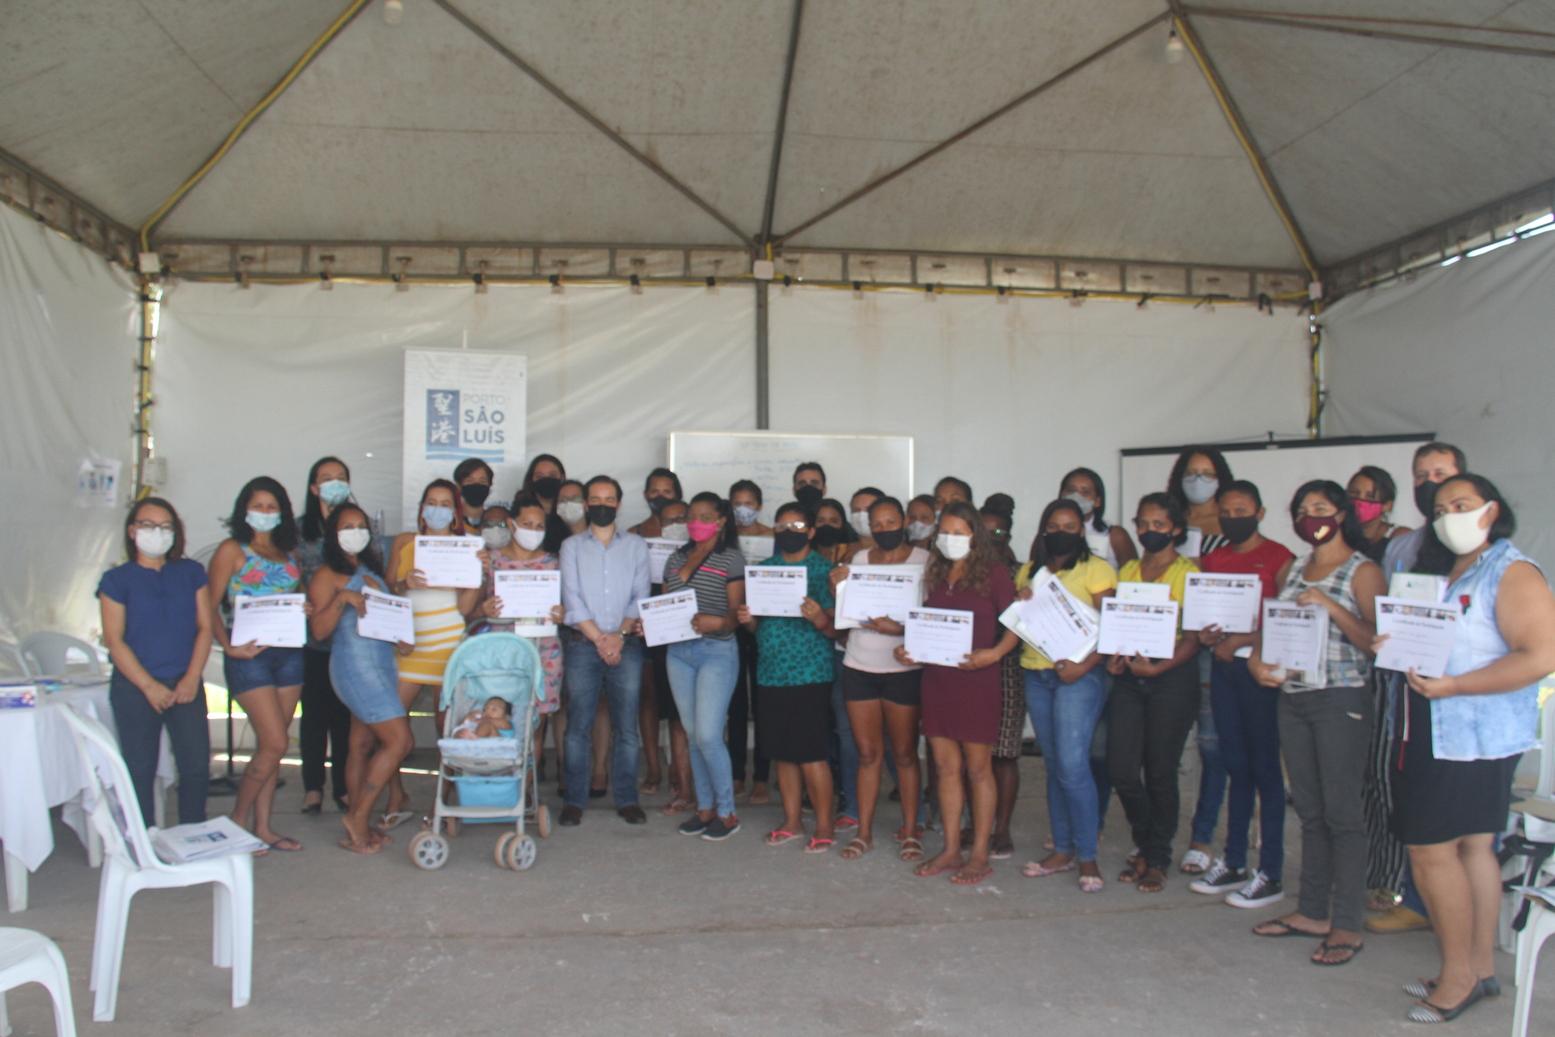 A foto oficial das alunas diplomadas na primeira turma do curso Mulheres Empreendedoras com o Pres. do Porto São Luís Heder Dantas e equipe – Foto: Divulgação